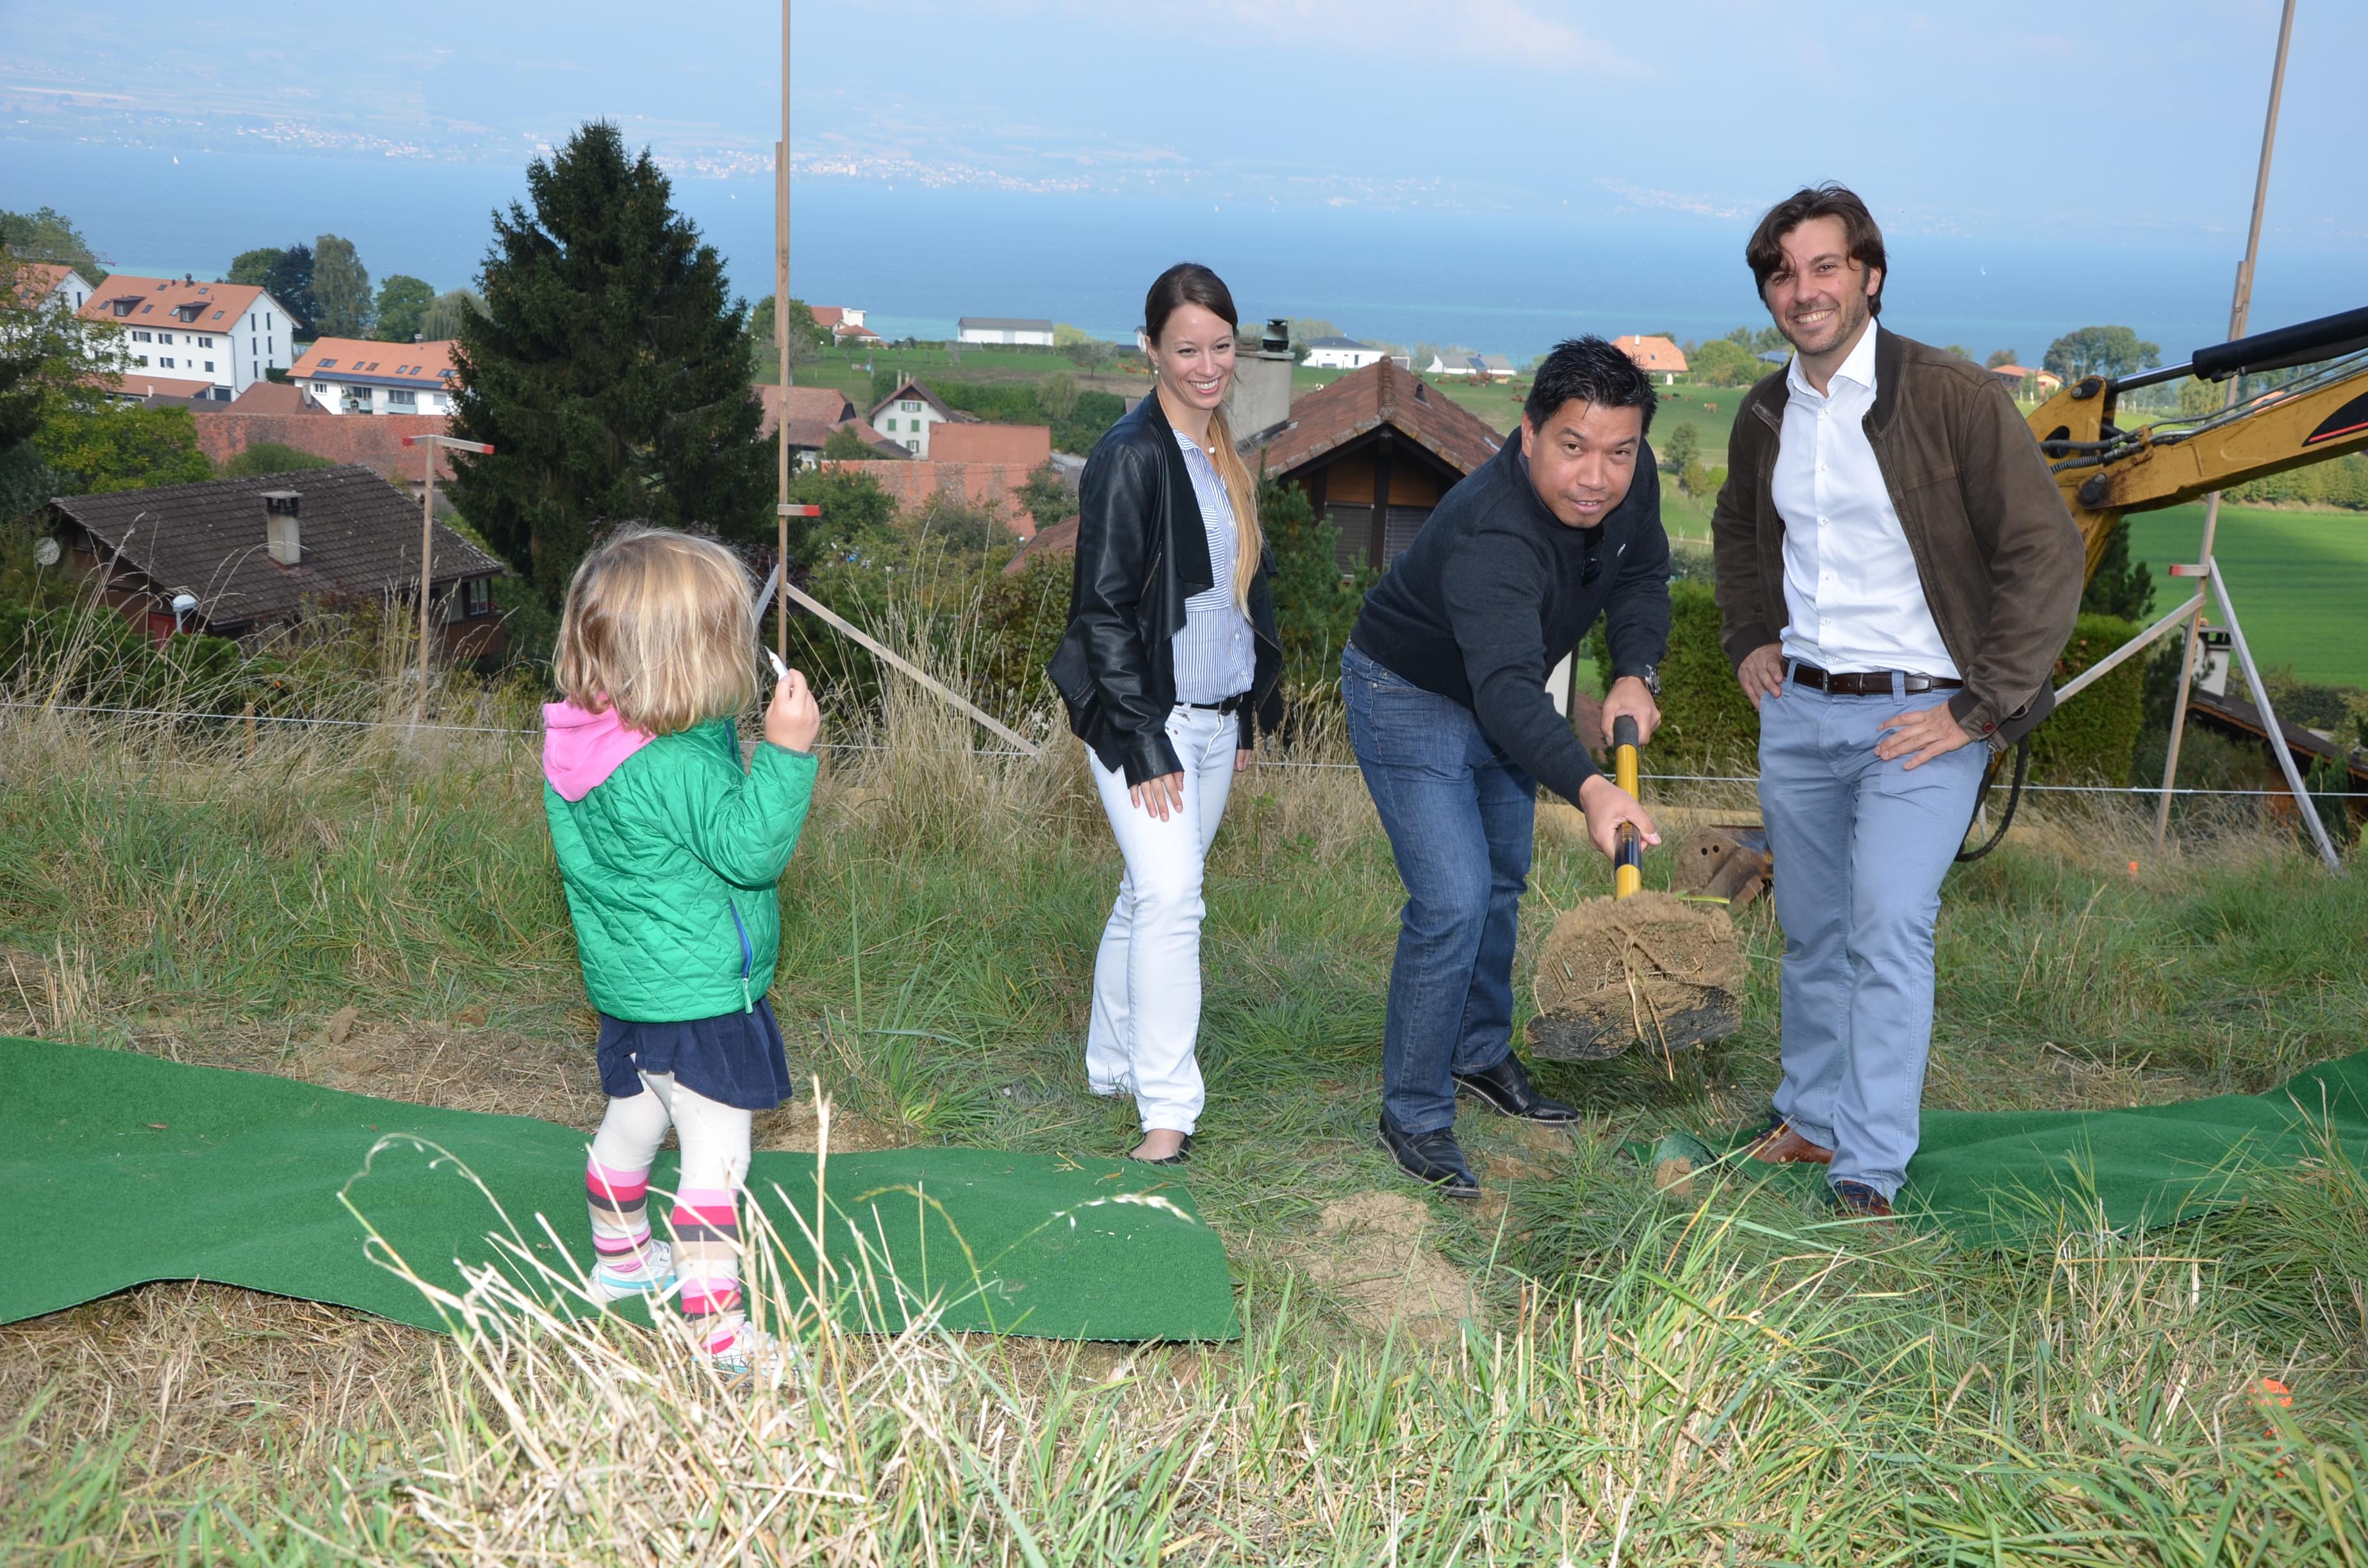 De gauche à droite: Alix, Corinne Décosterd, Jean-Louis Guillet, Marc Muller